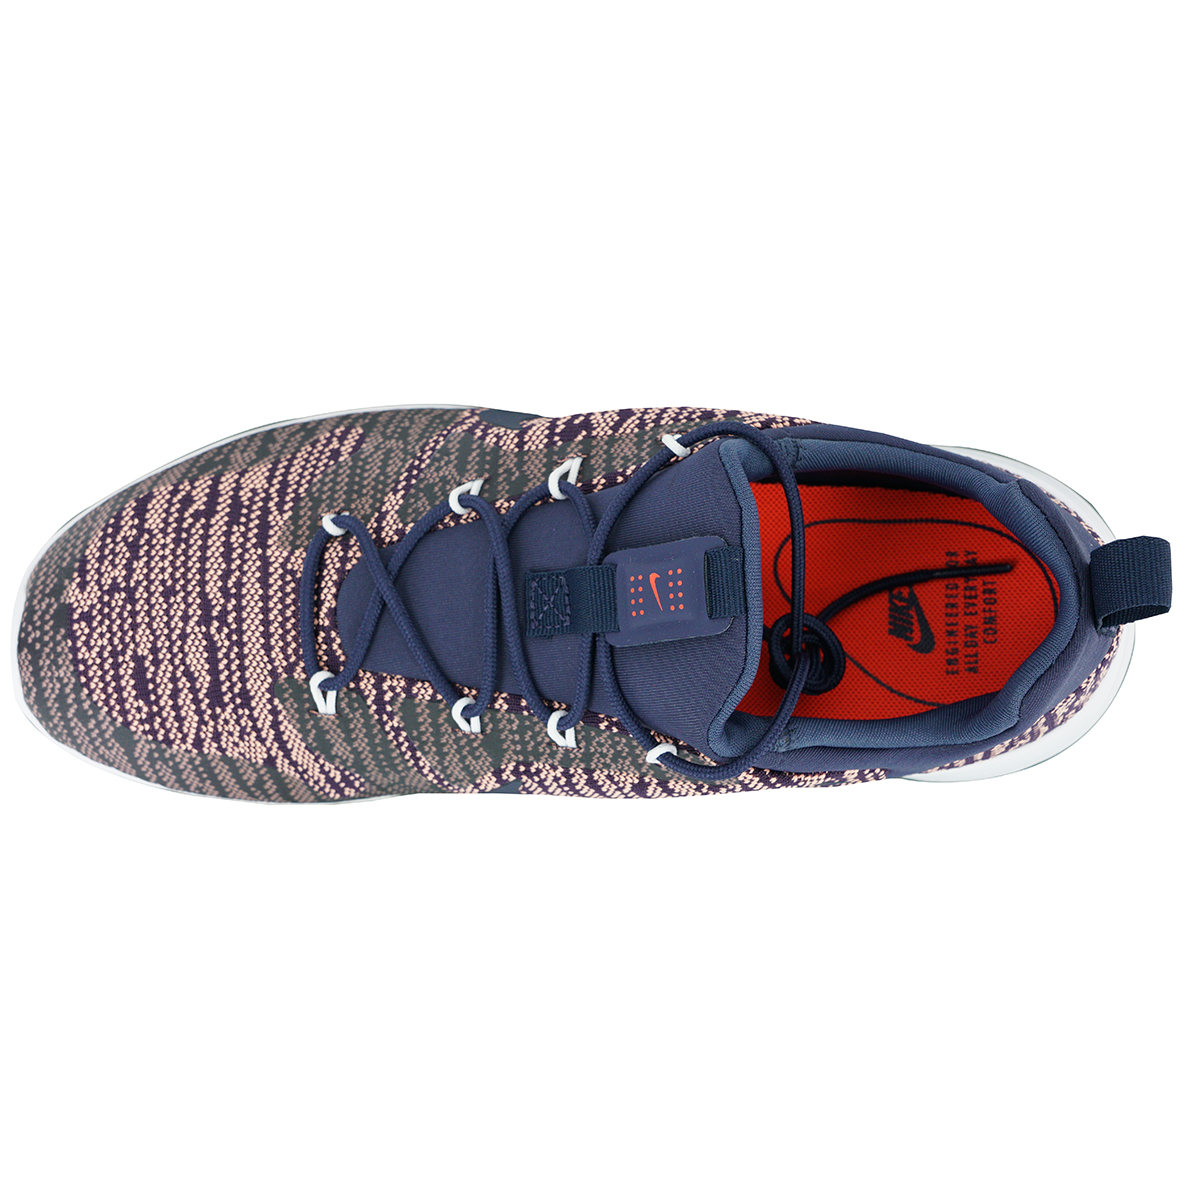 Nike-Men-039-s-CK-Racer-Shoes thumbnail 9